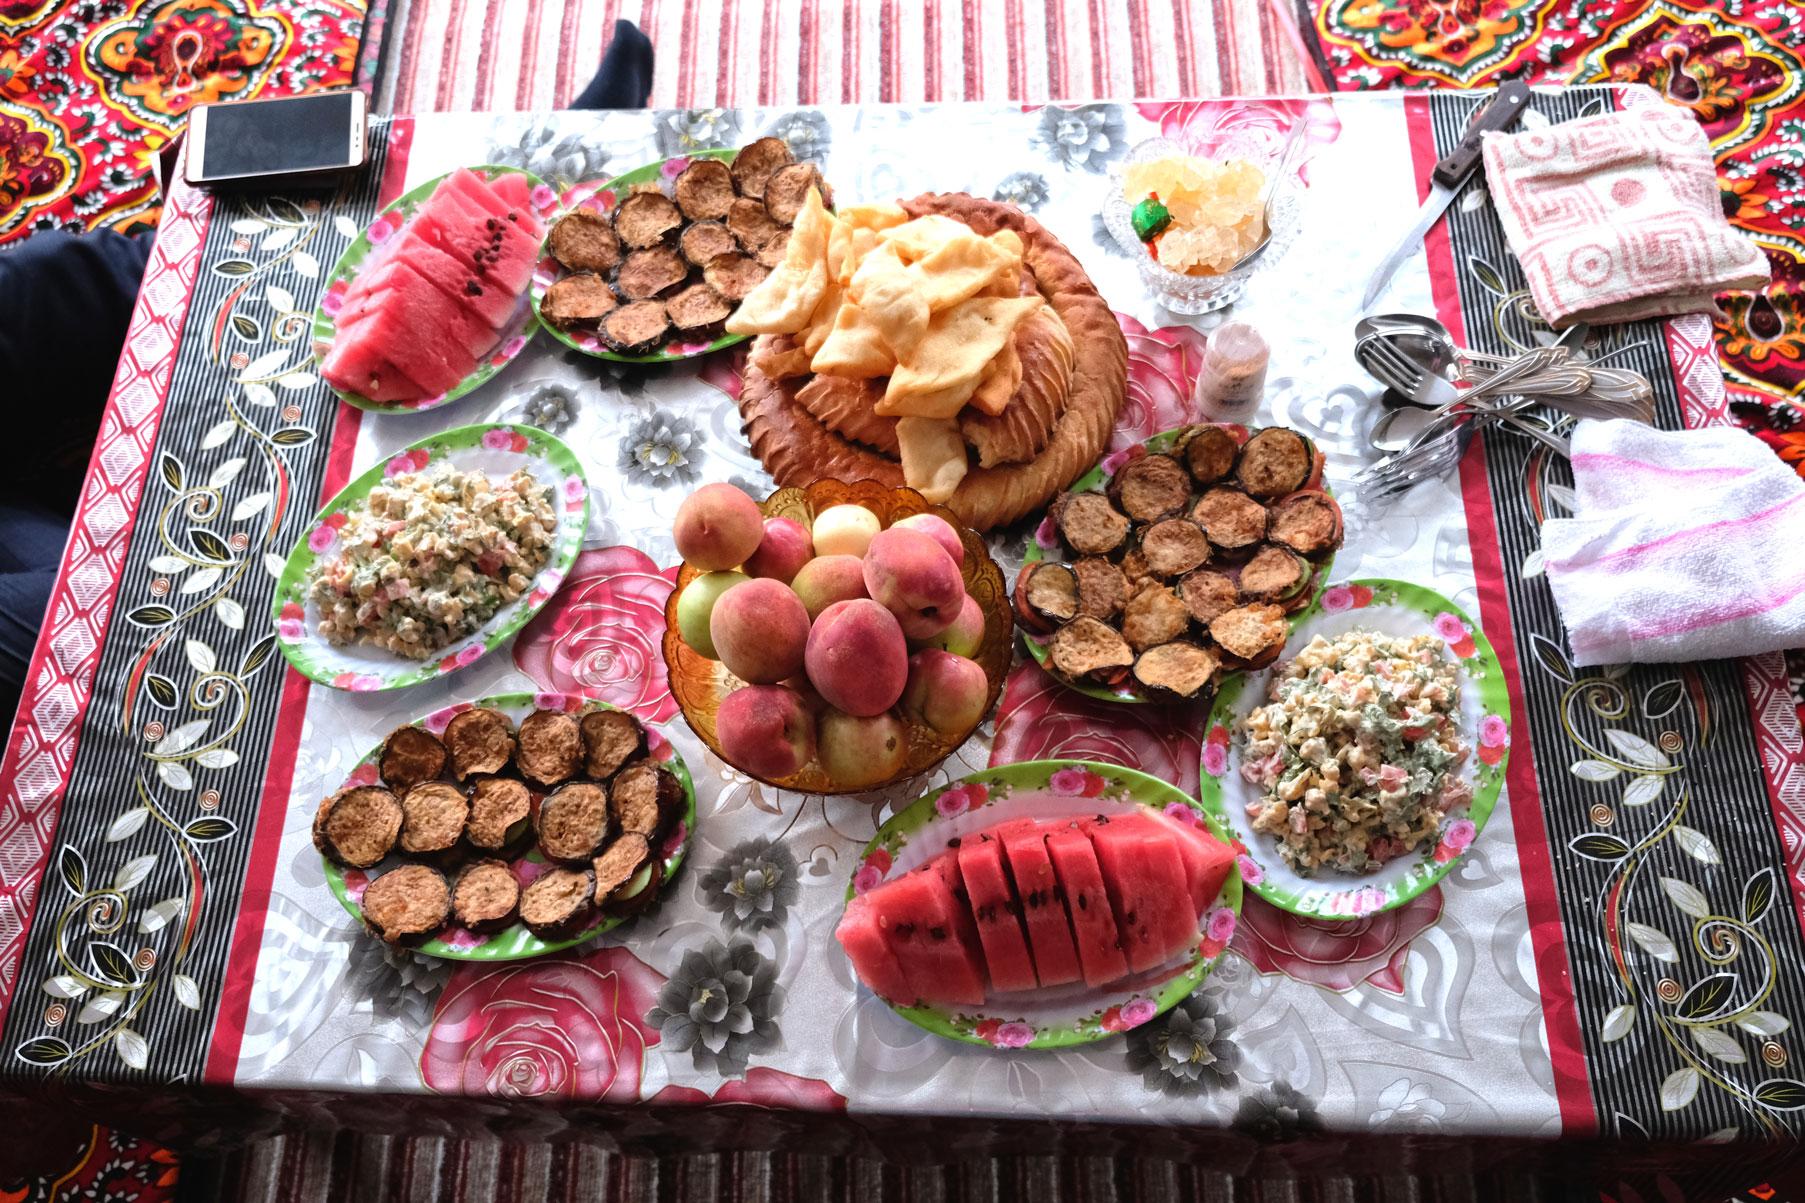 Kirgisische Speisen auf einem Tisch.